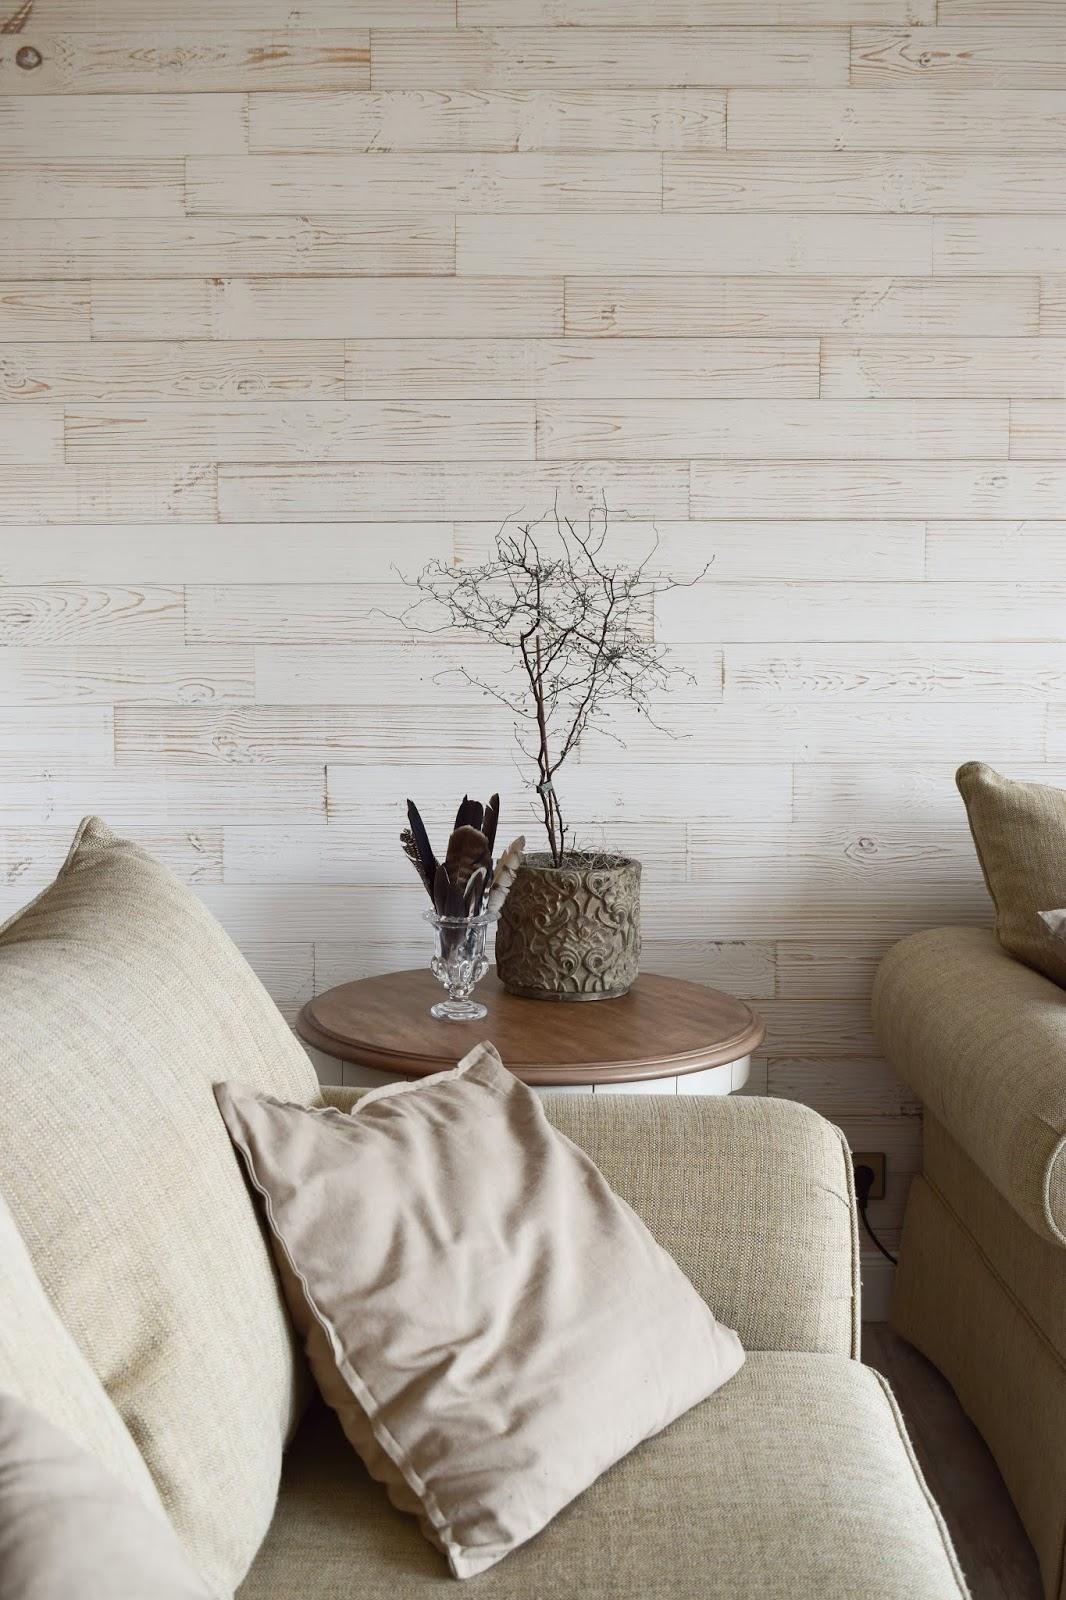 Wohnzimmer Dekoidee Wandverkleidung Holz Wandwood Deko Einrichtung Holzwand Renovierung renovieren DIY Selbermachen einrichten